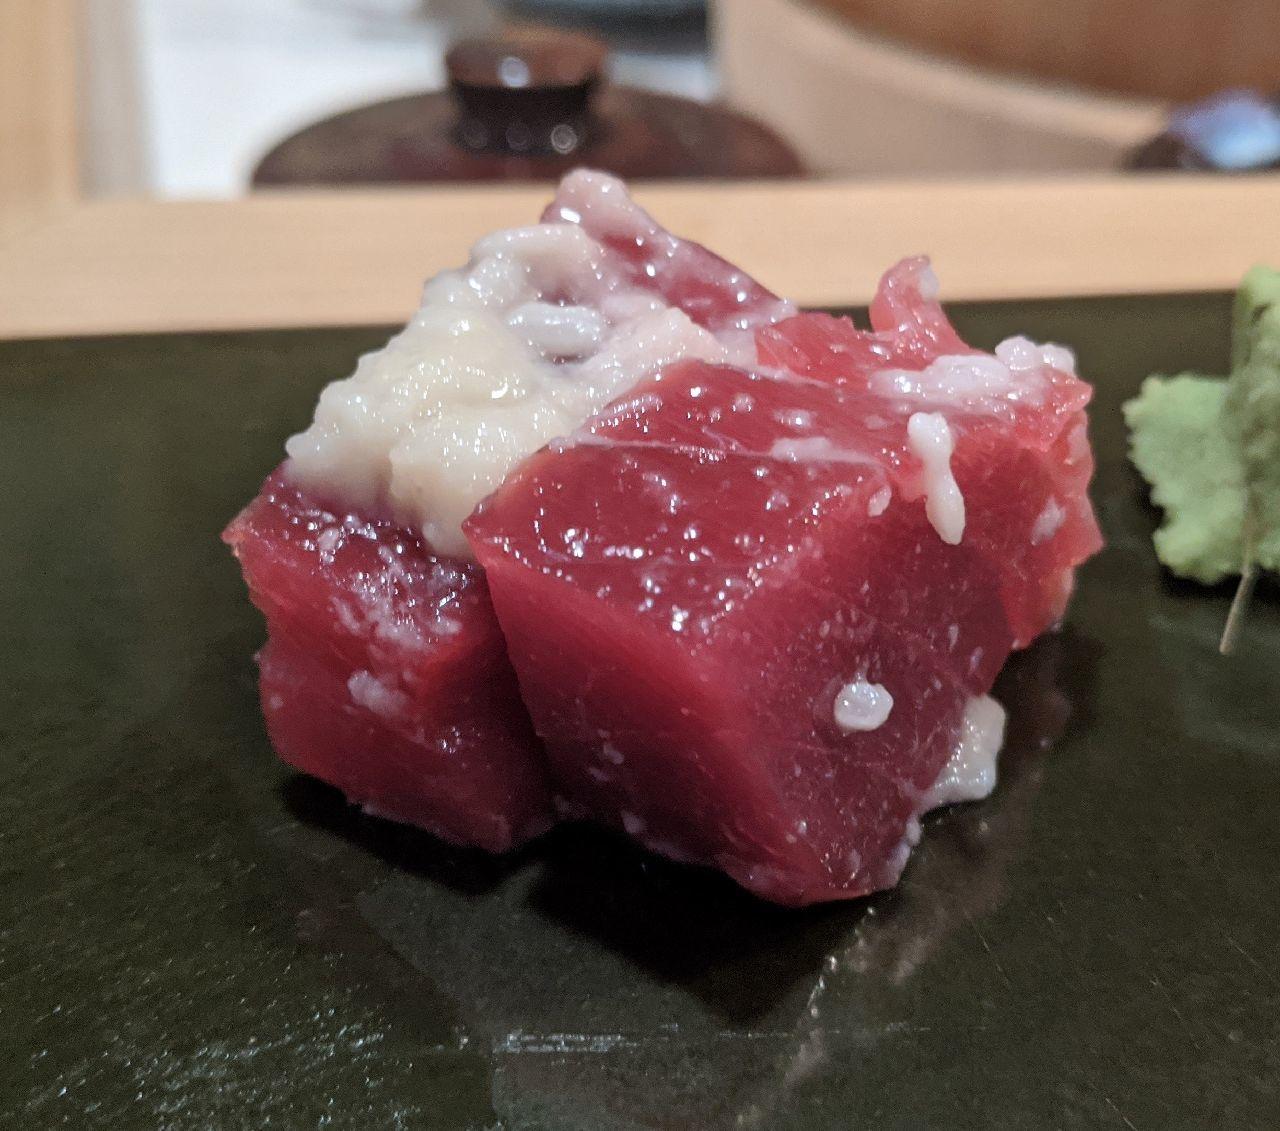 MVIMG_20200319_205022酢飯で作った味噌漬け